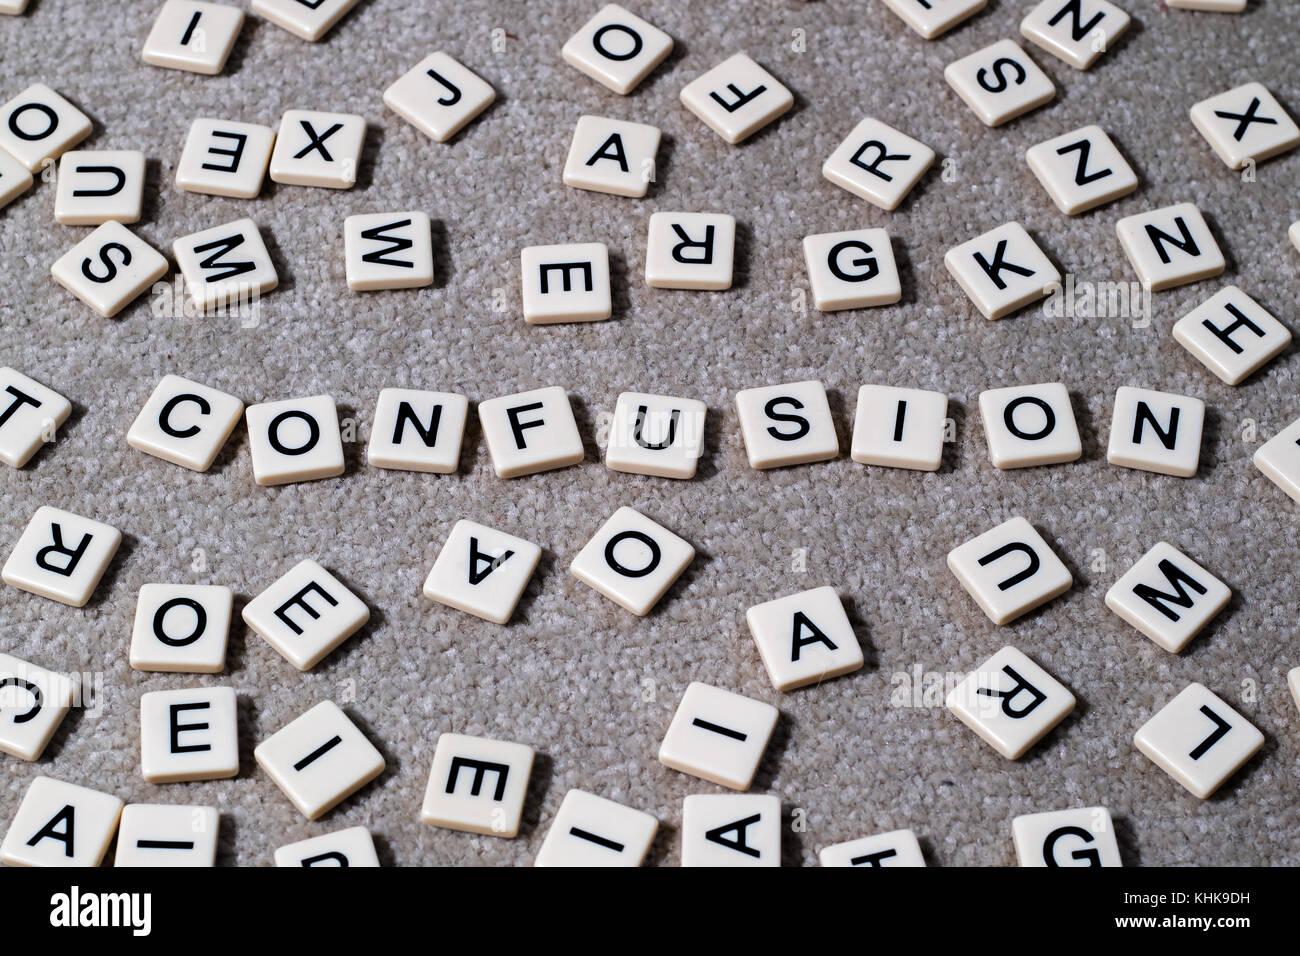 Confusione enunciato in stile scrabble letterati piastrelle tra una ridda di altre lettere. Immagini Stock